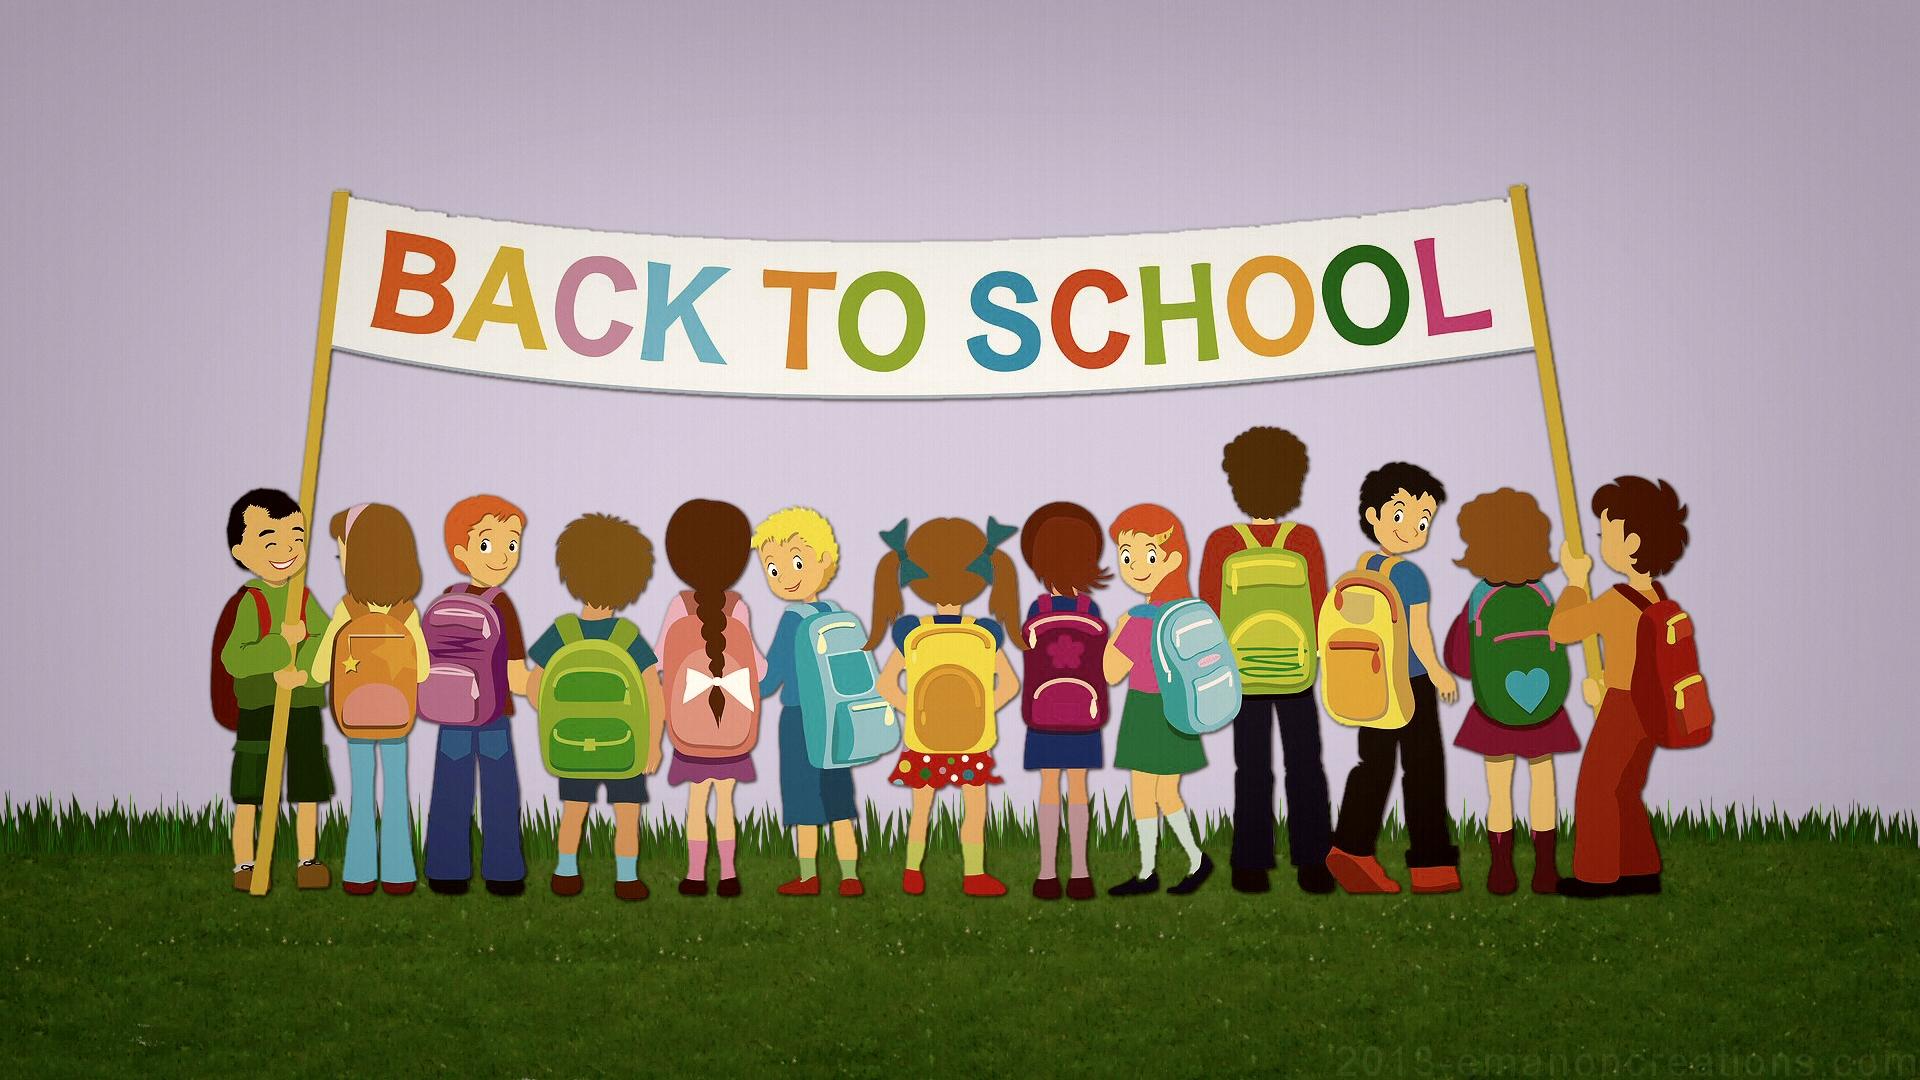 HD Back to School Wallpaper 1920x1080